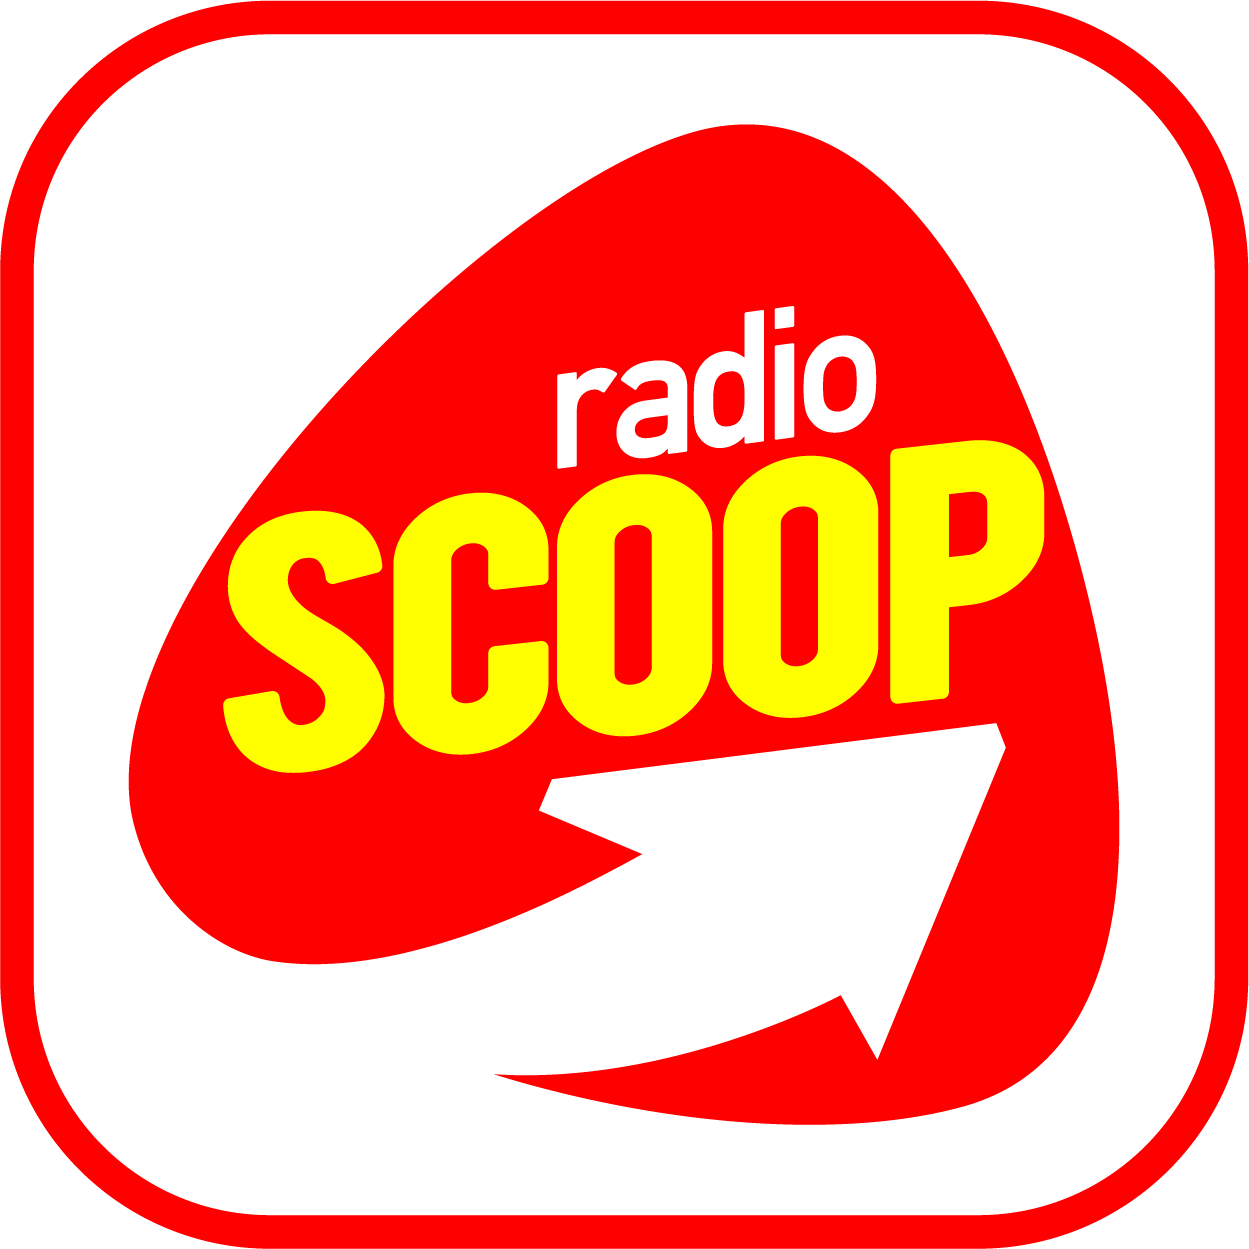 Radio Scoop Lyon